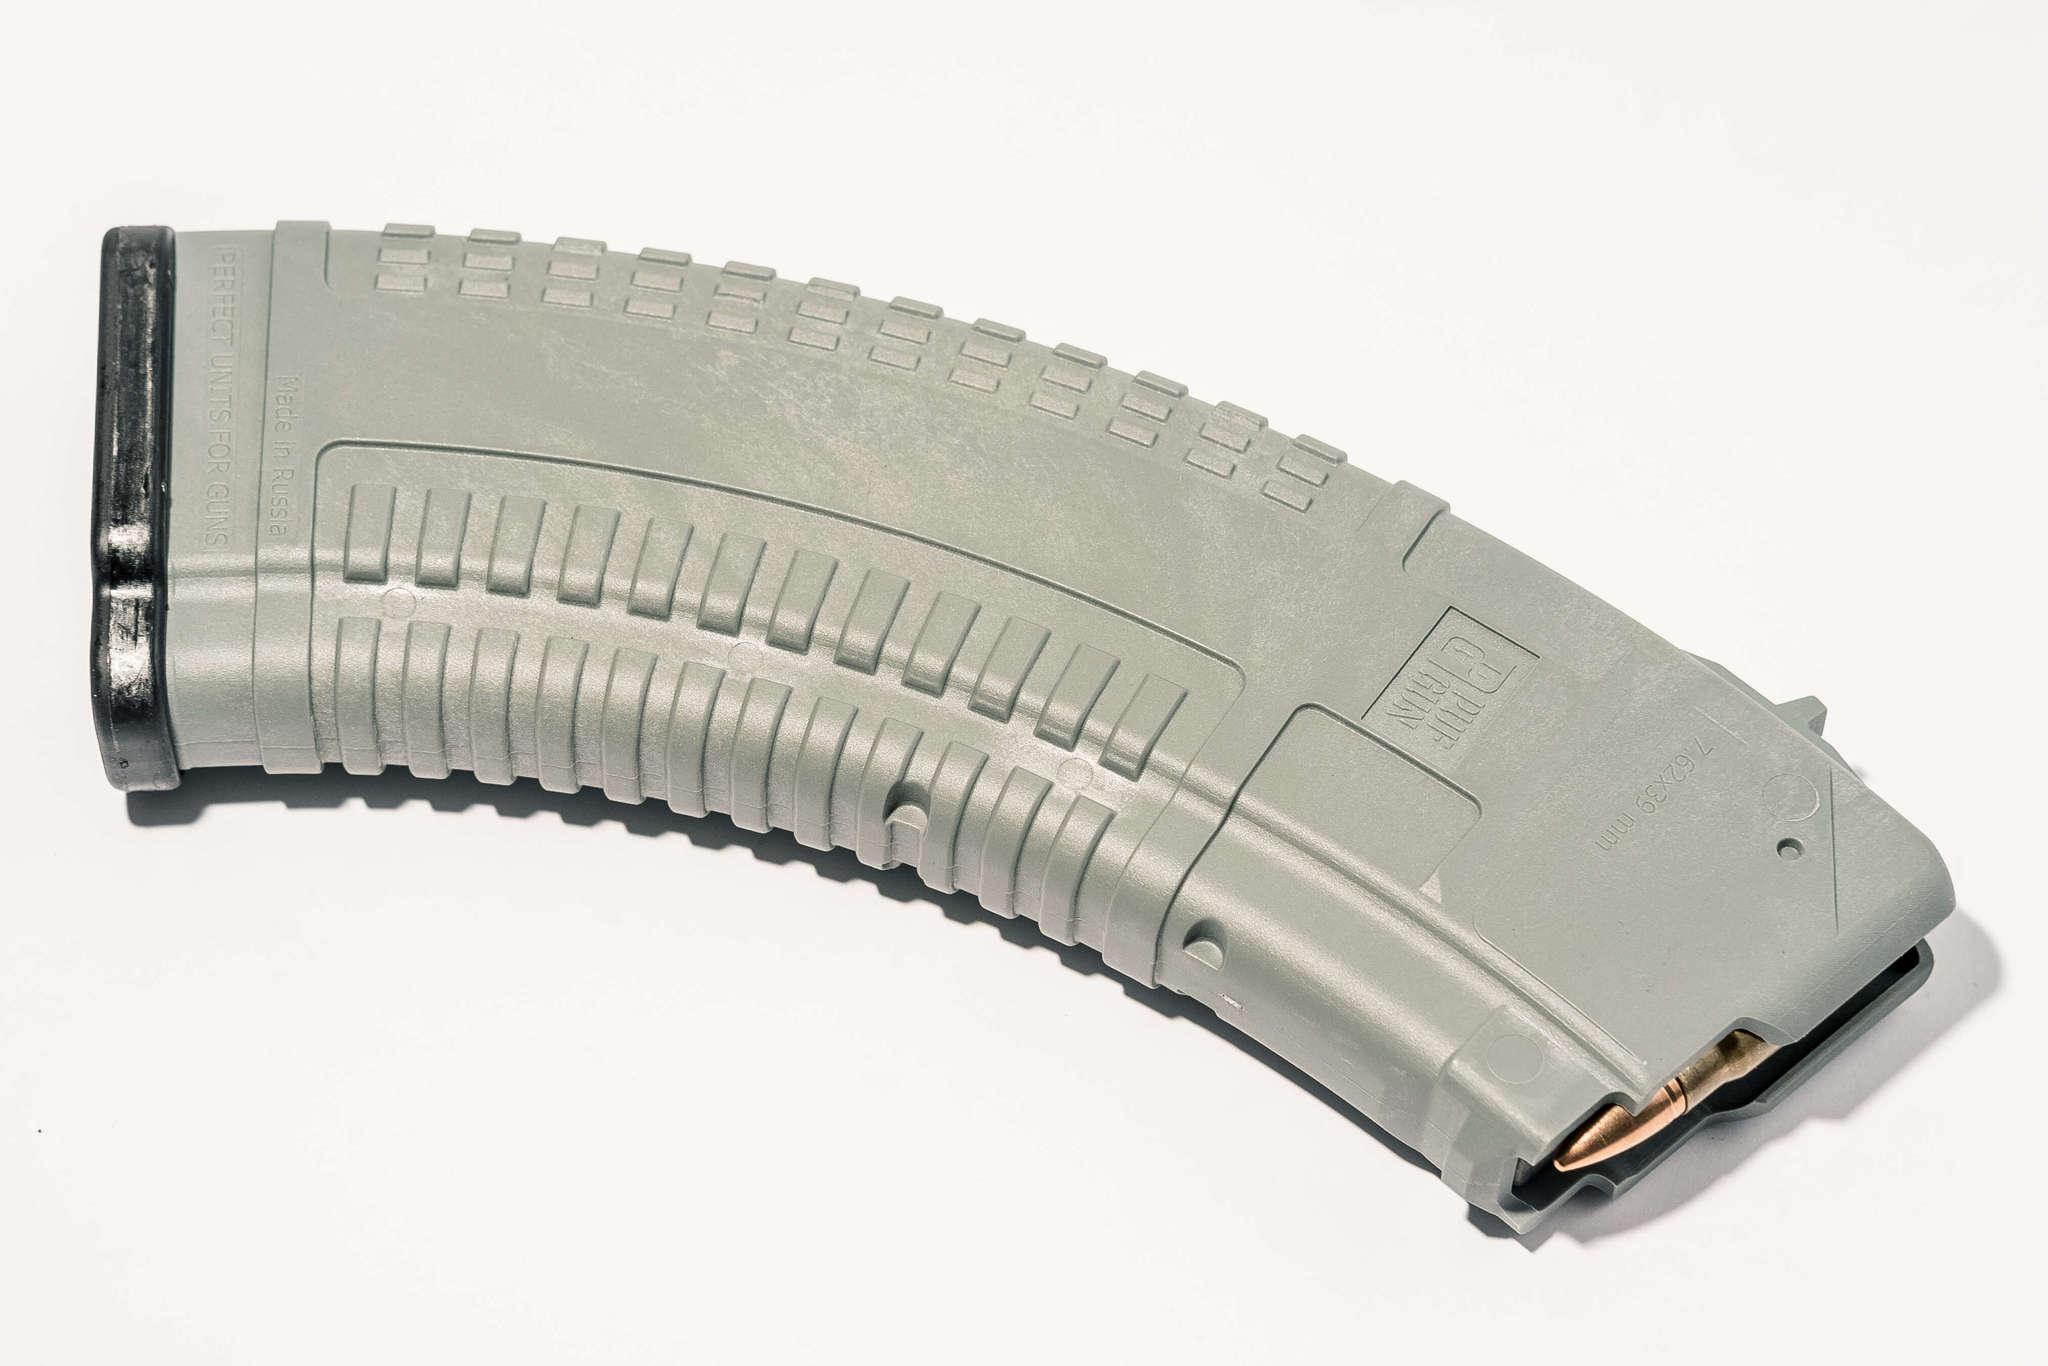 Магазин Pufgun для АКМ (7.62x39) ВПО-136 ВПО-209 на 30